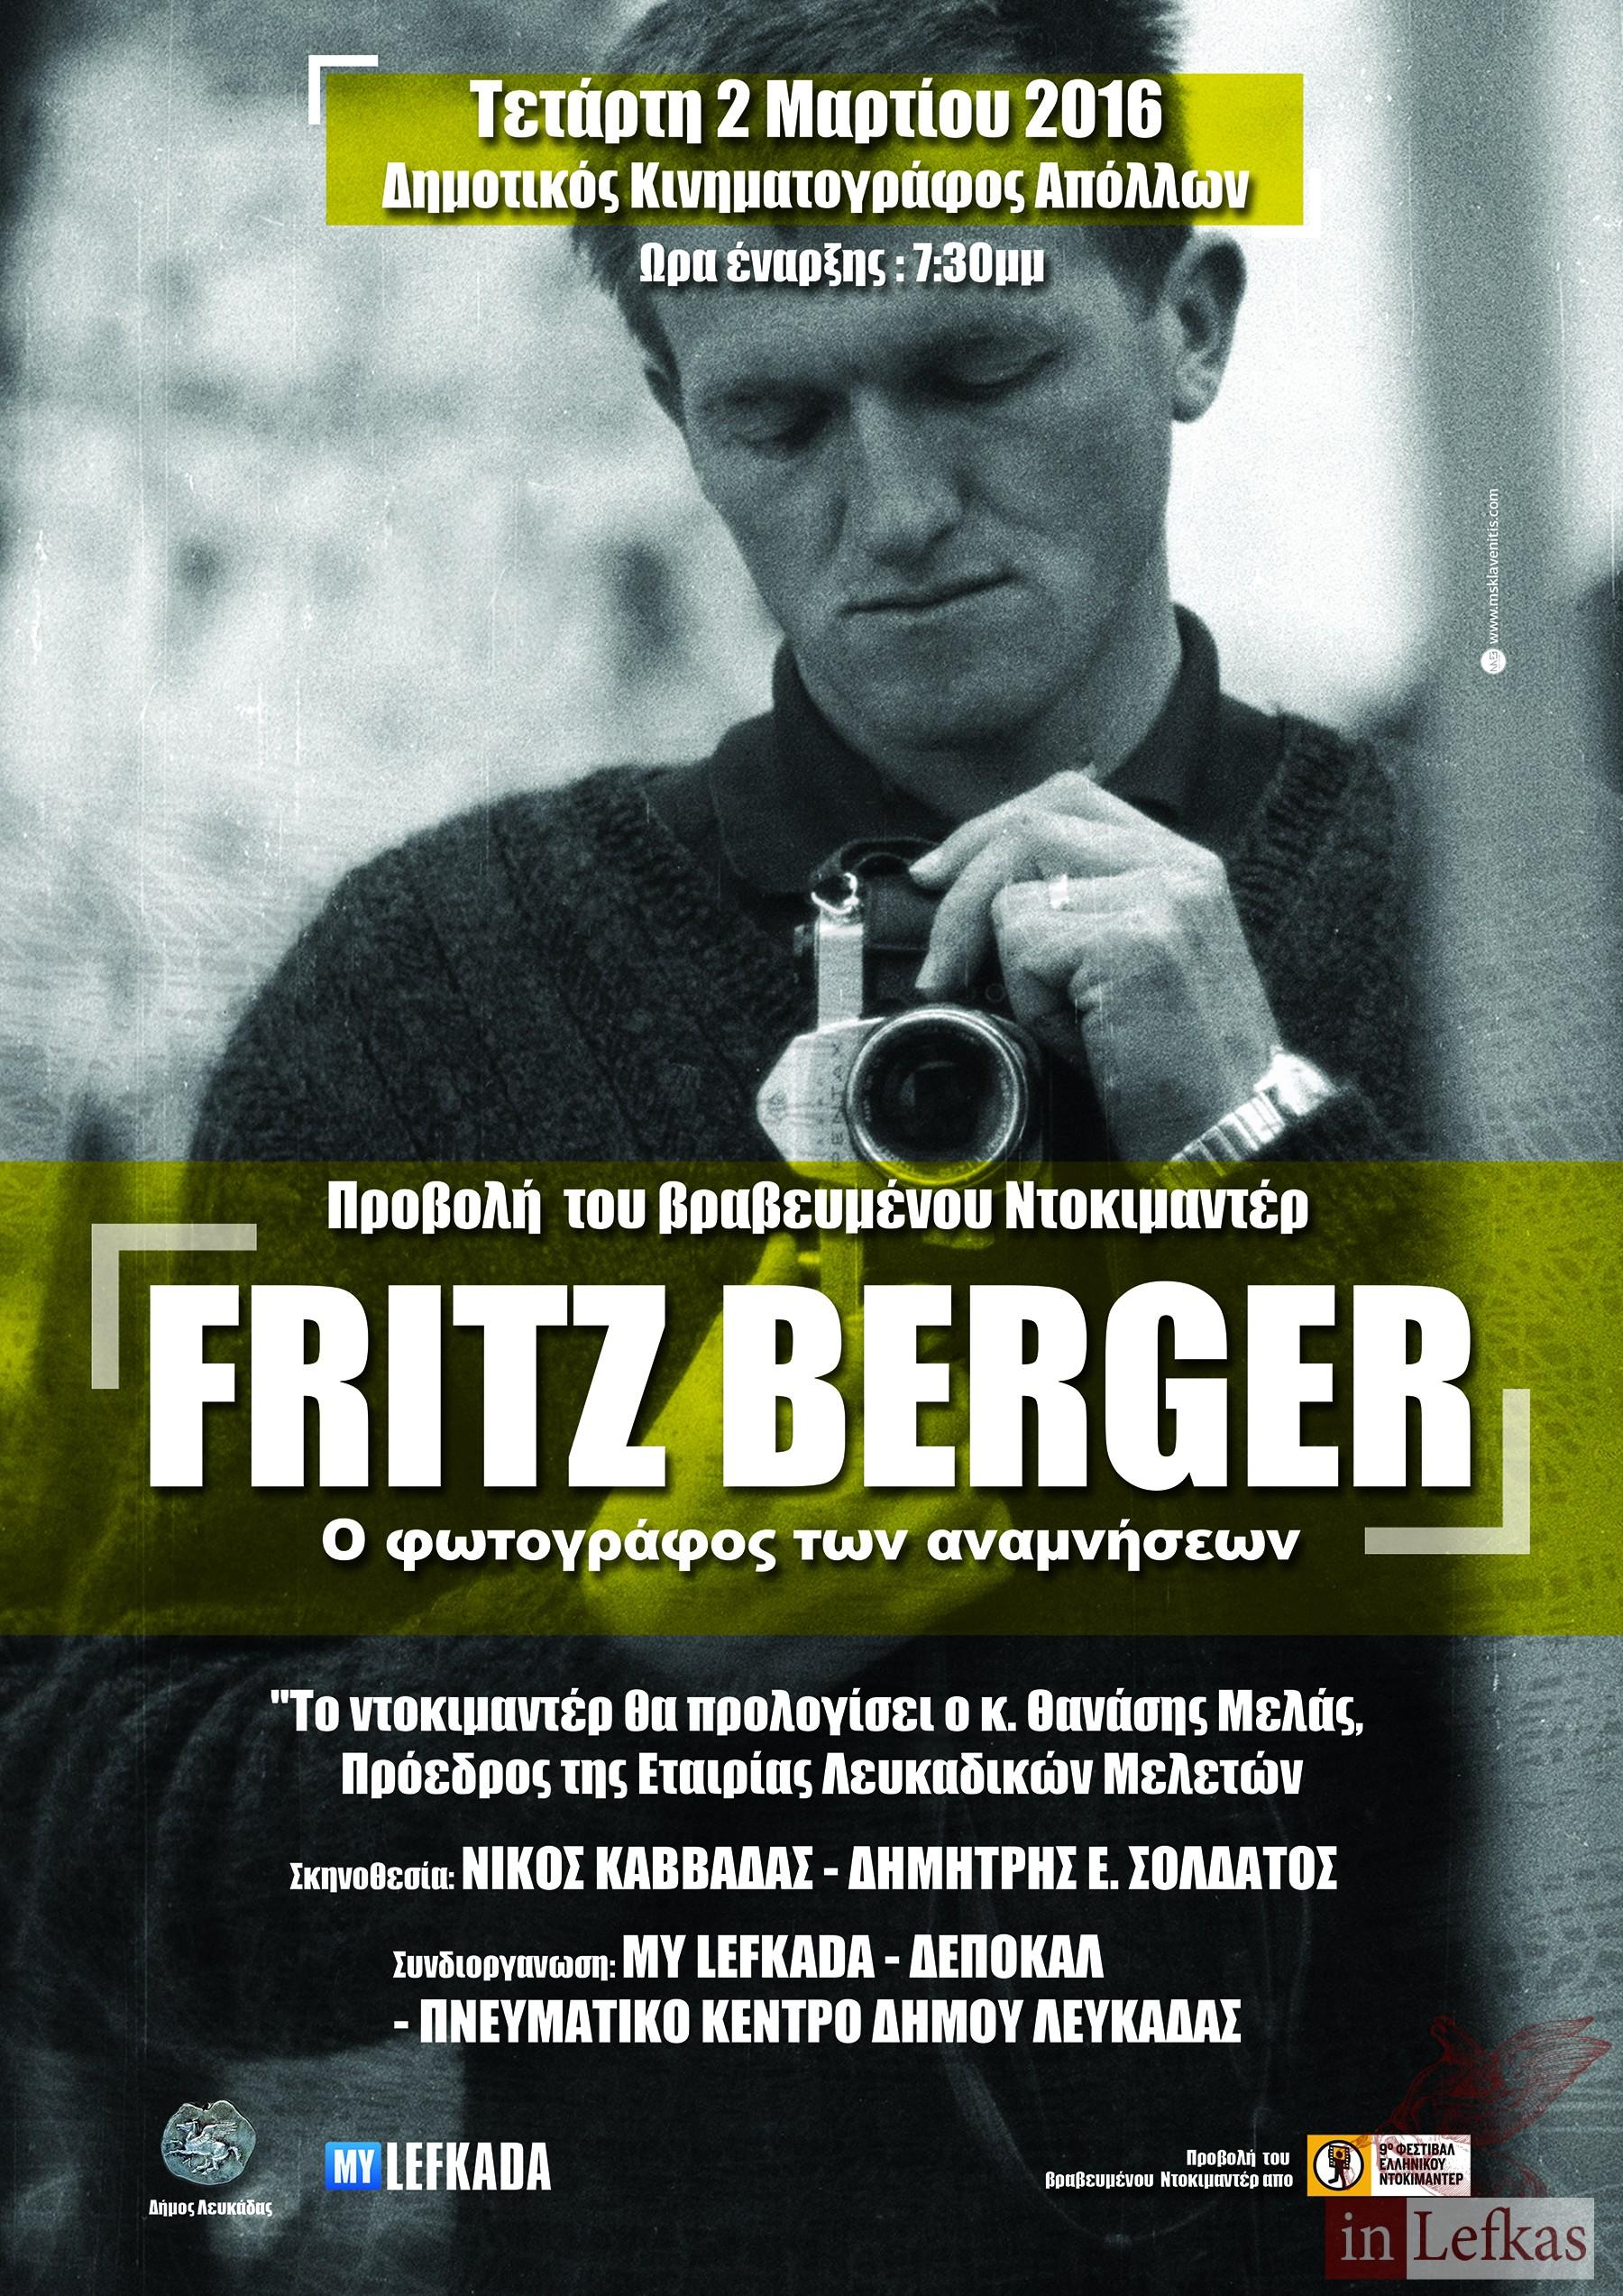 Εκδήλωση fritz berger